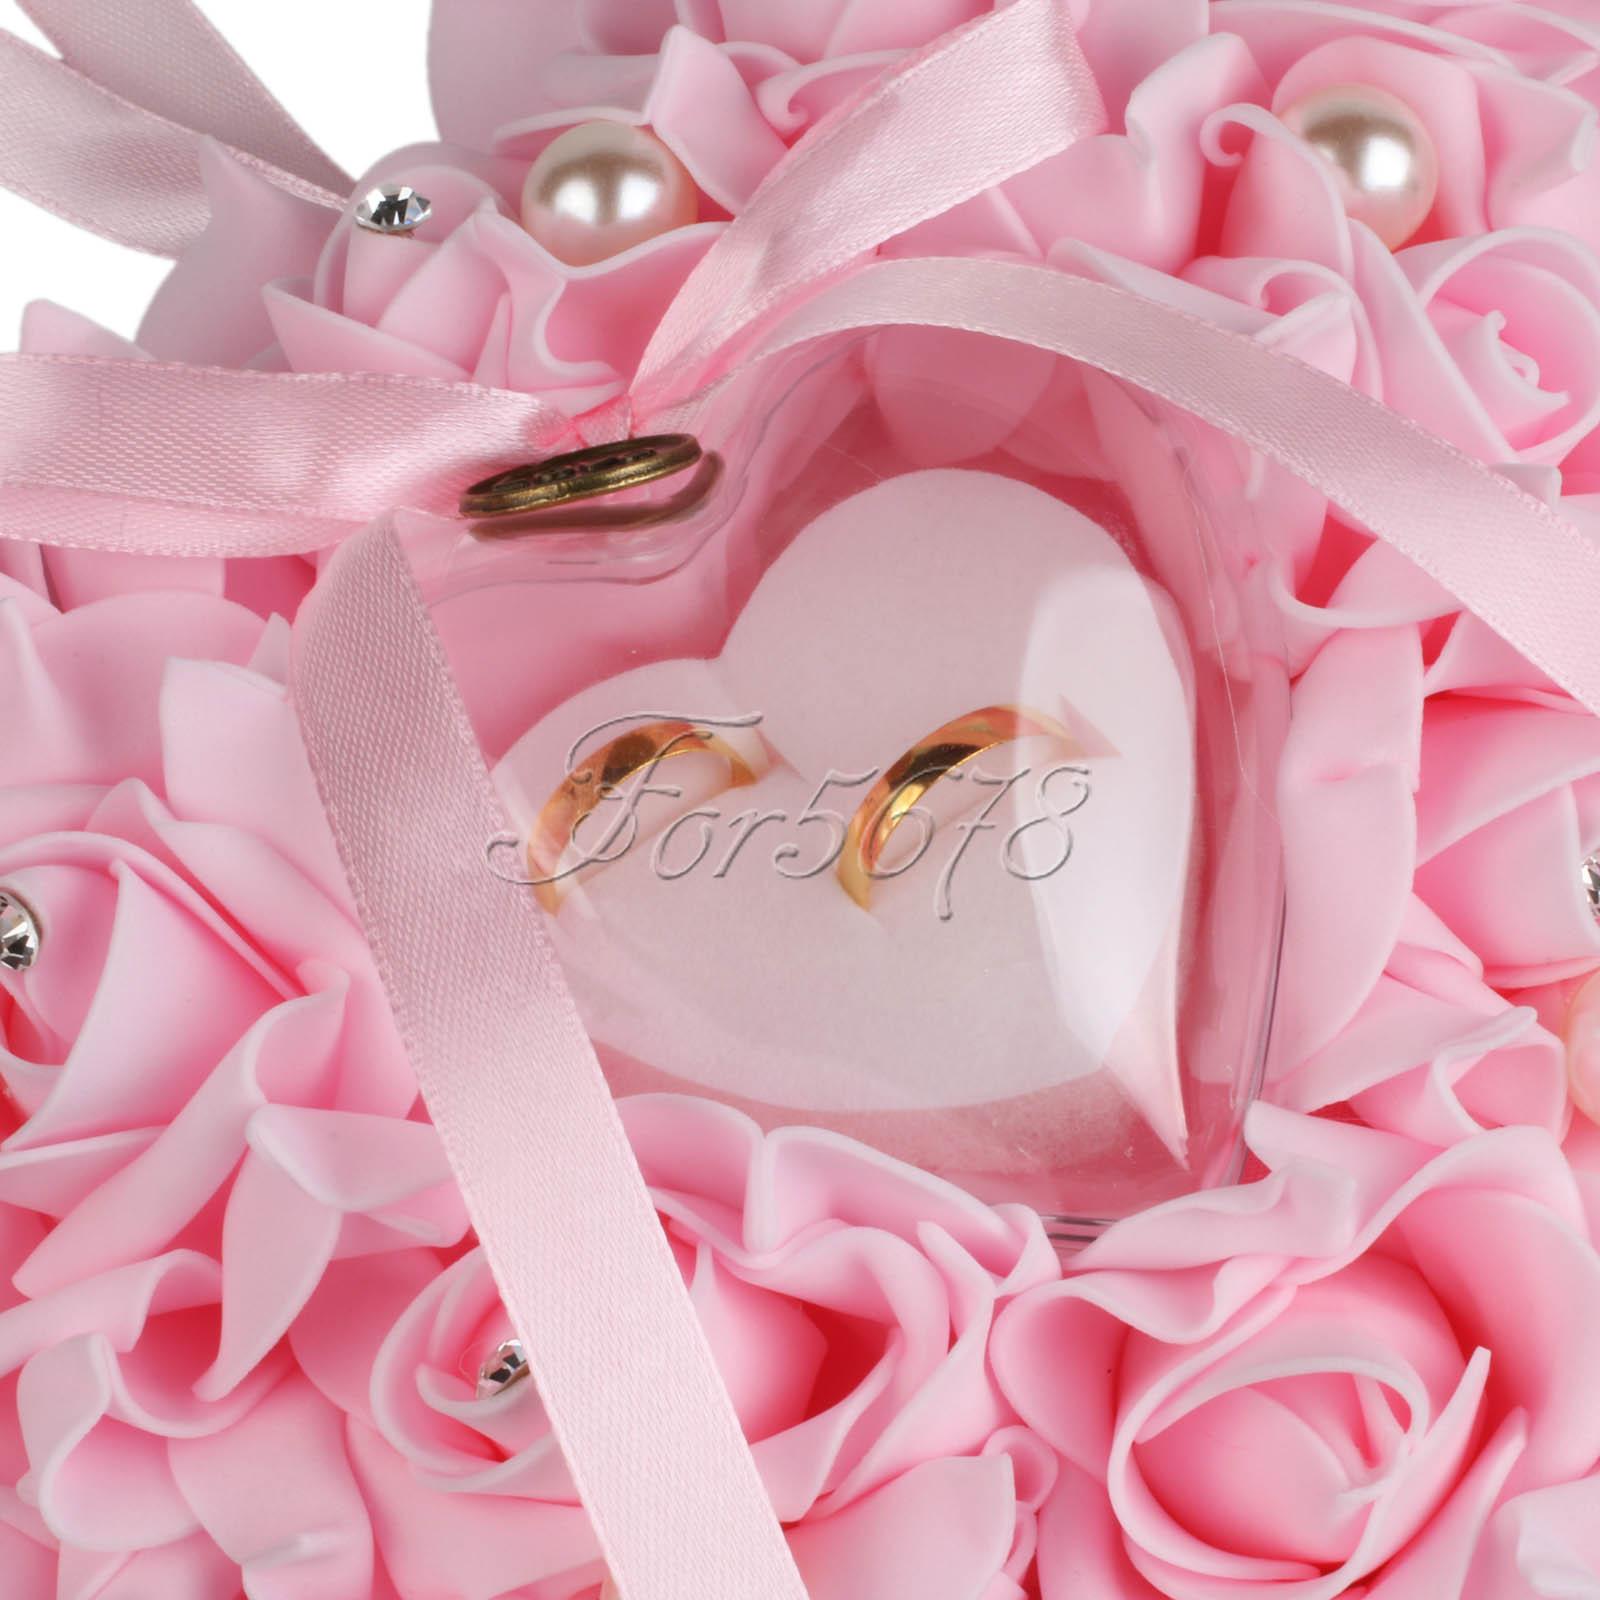 Heart Shape Foam Roses Flowers Ring Pillow Cushion Bearer for ...